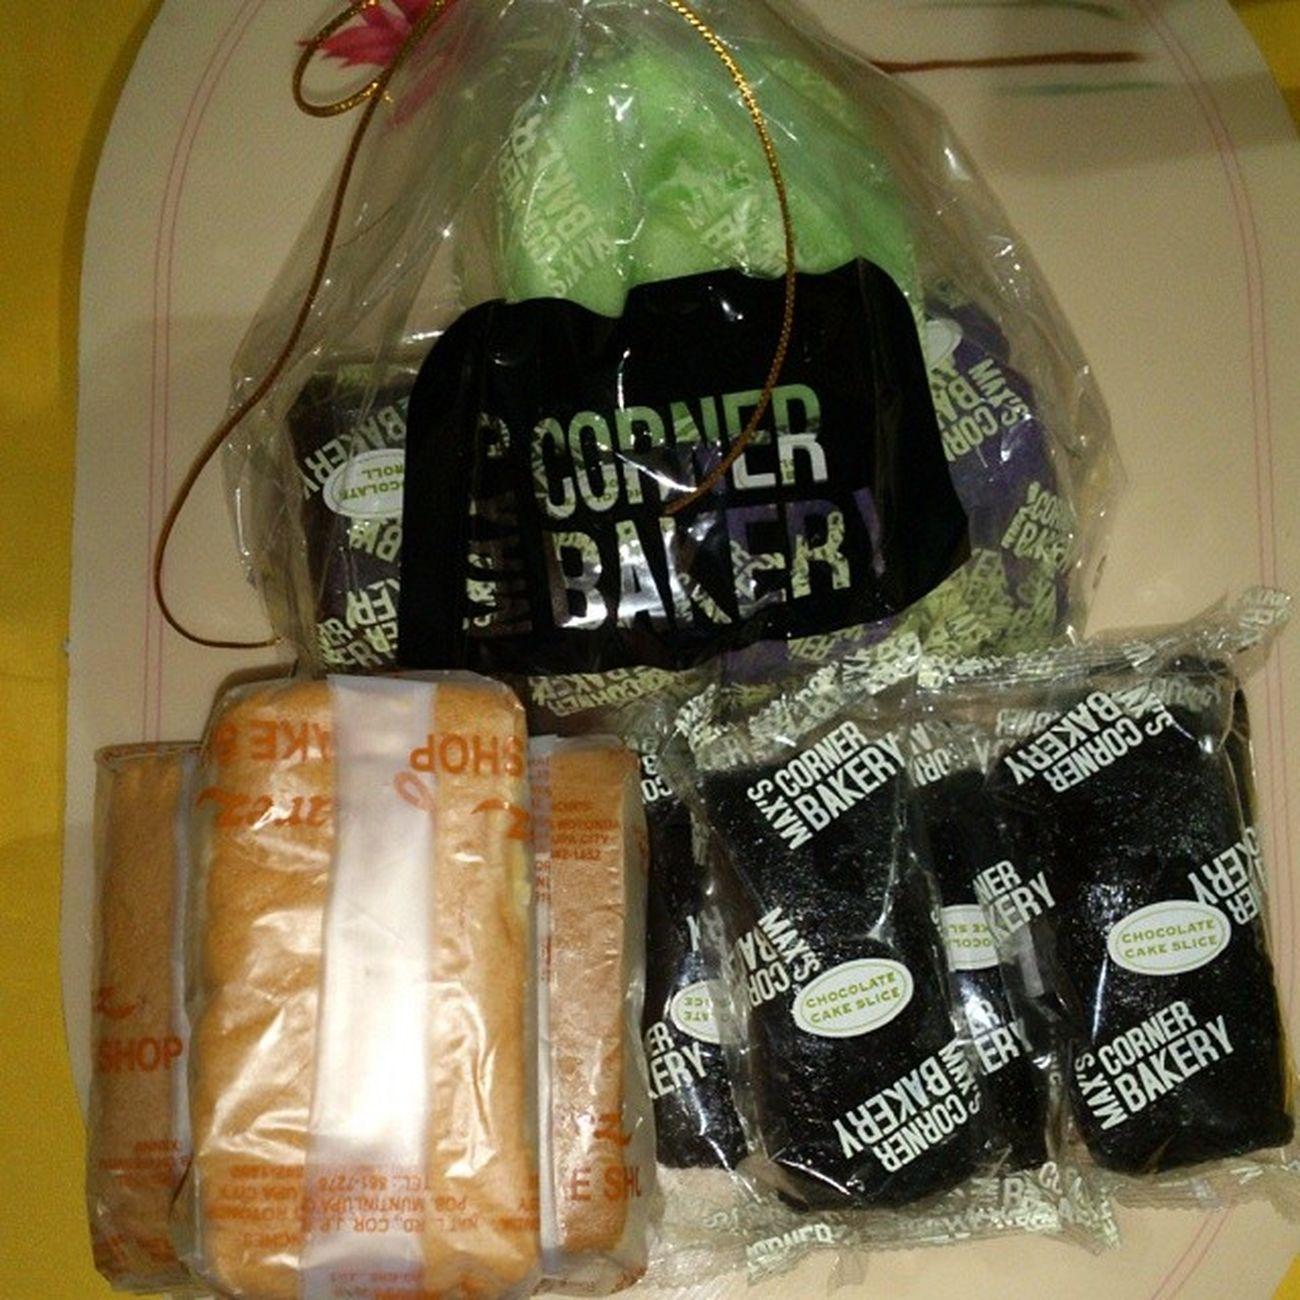 On diet nba mga tao sa bahay kaya puro tinapay nalang? ASA Chocolatecake Mamon Cakeroll thank you @caril for the max's ?